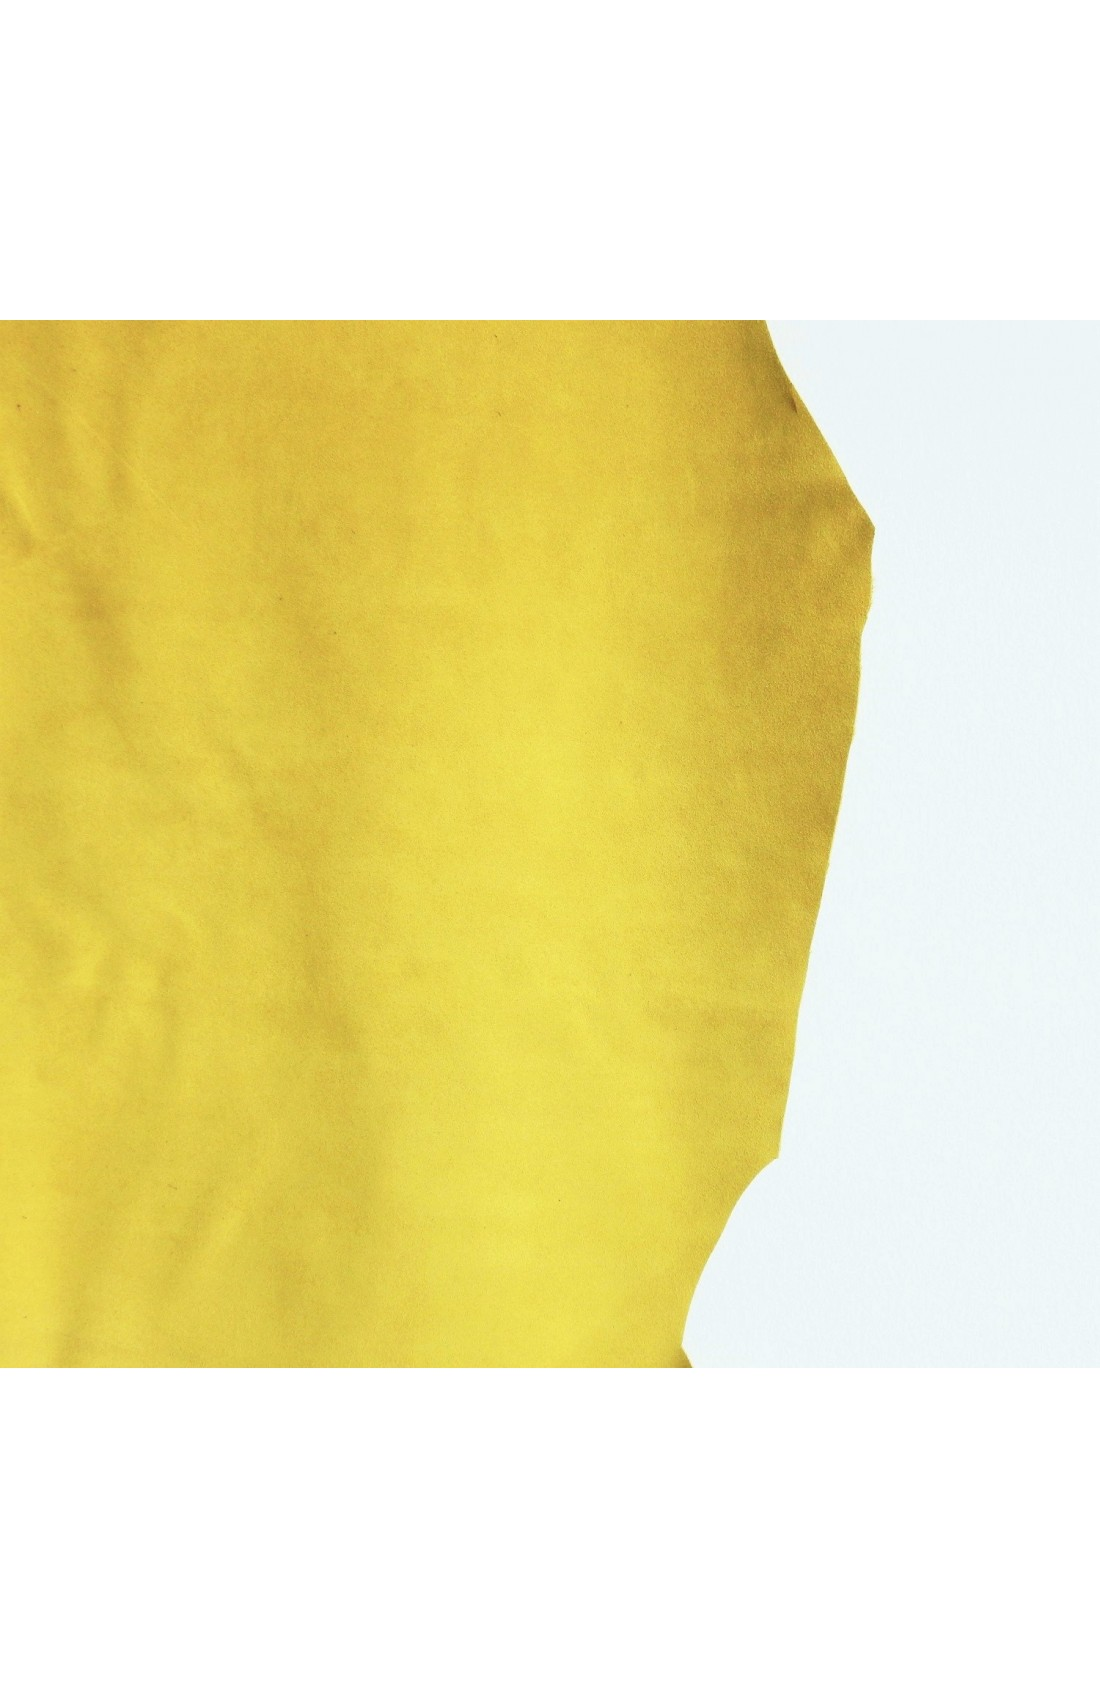 art. 60 SCAMOSCIATO var.66 giallo (2)